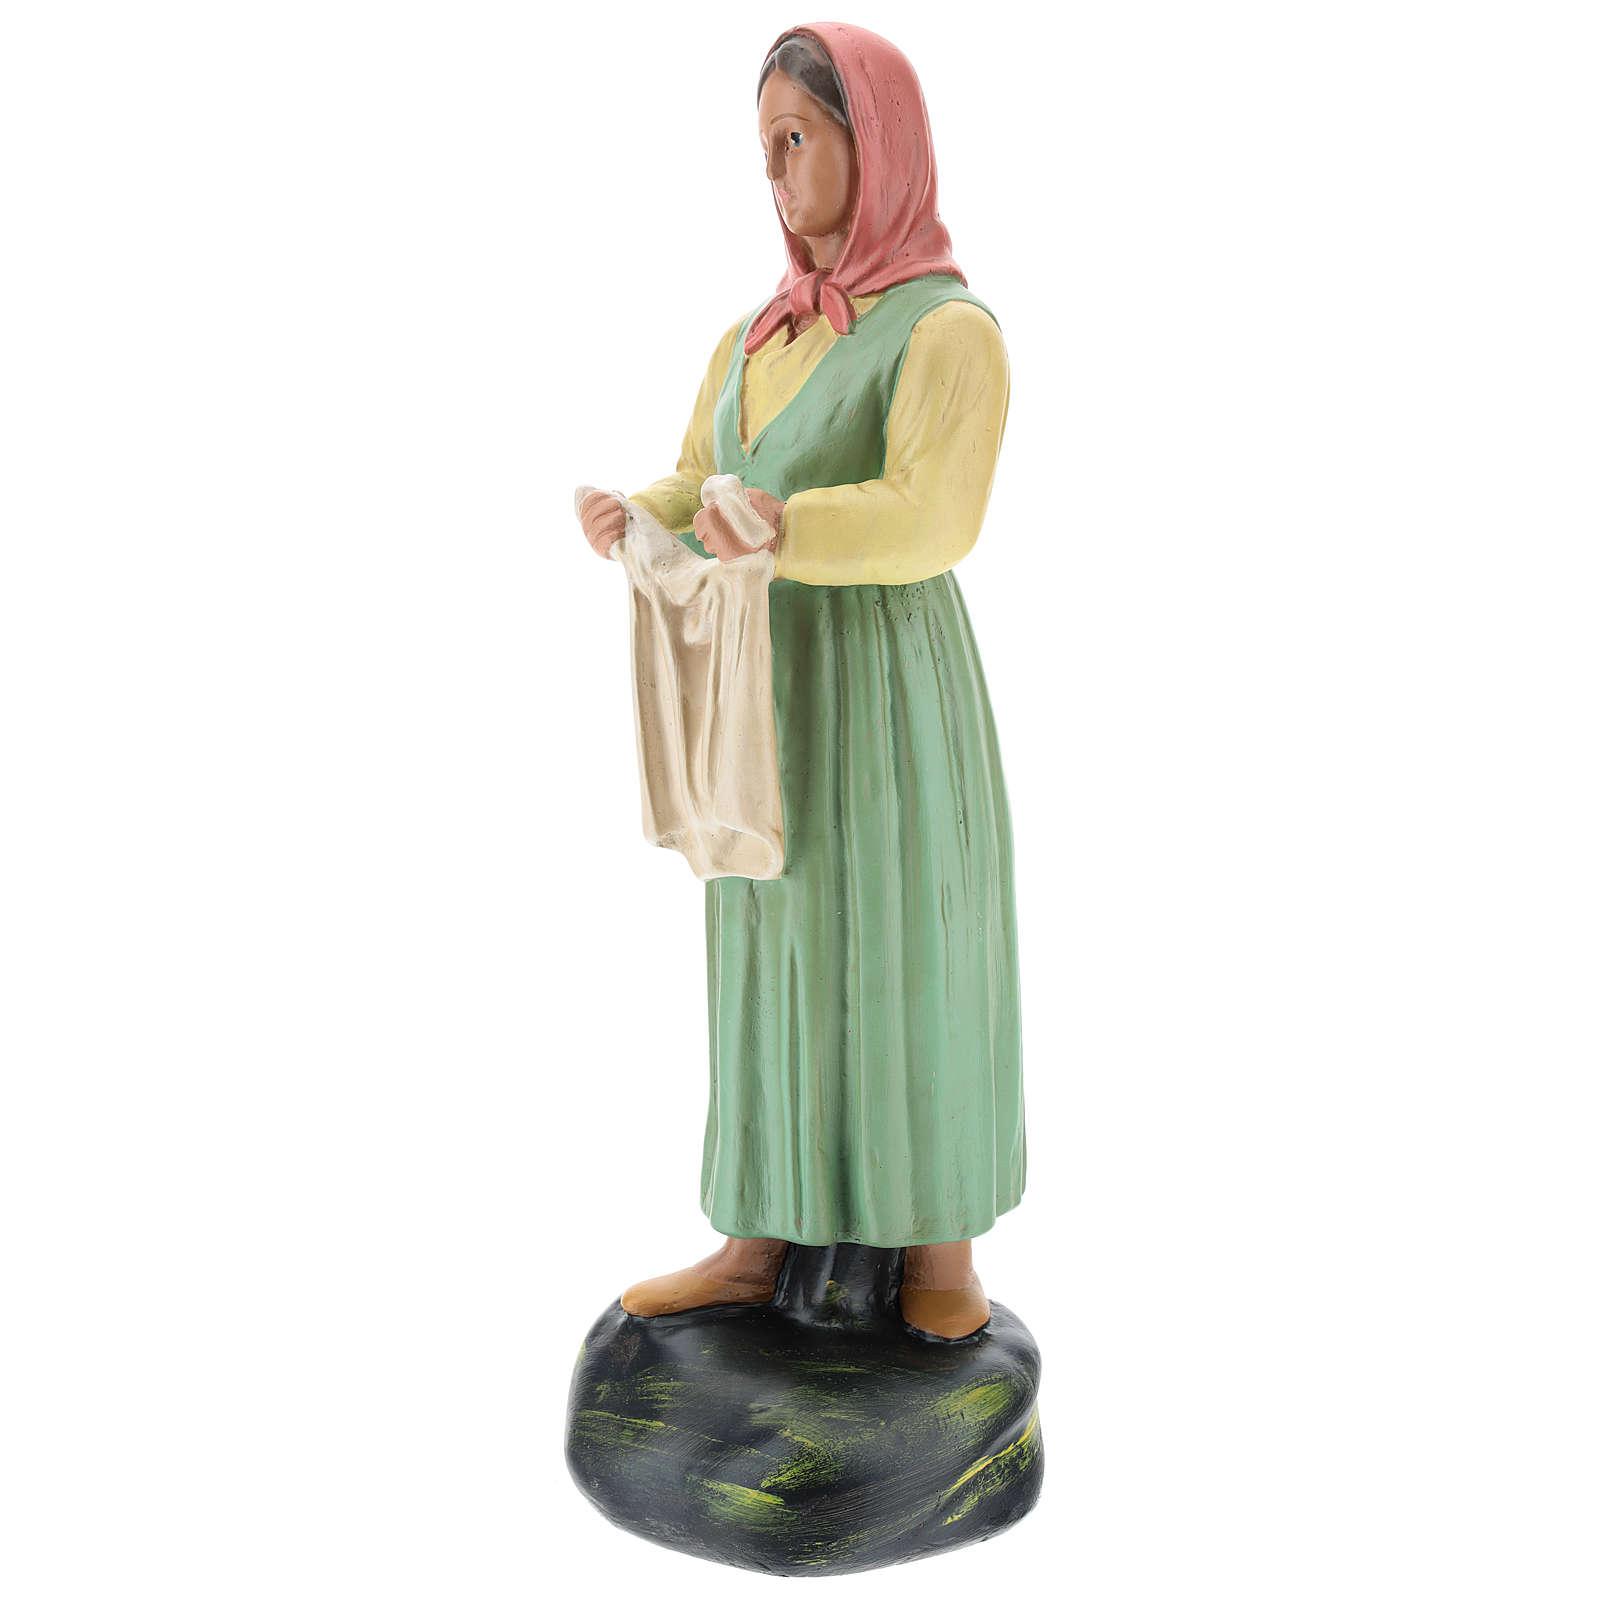 Estatua lavandera con velo yeso coloreado 30 cm Arte Basranti 4